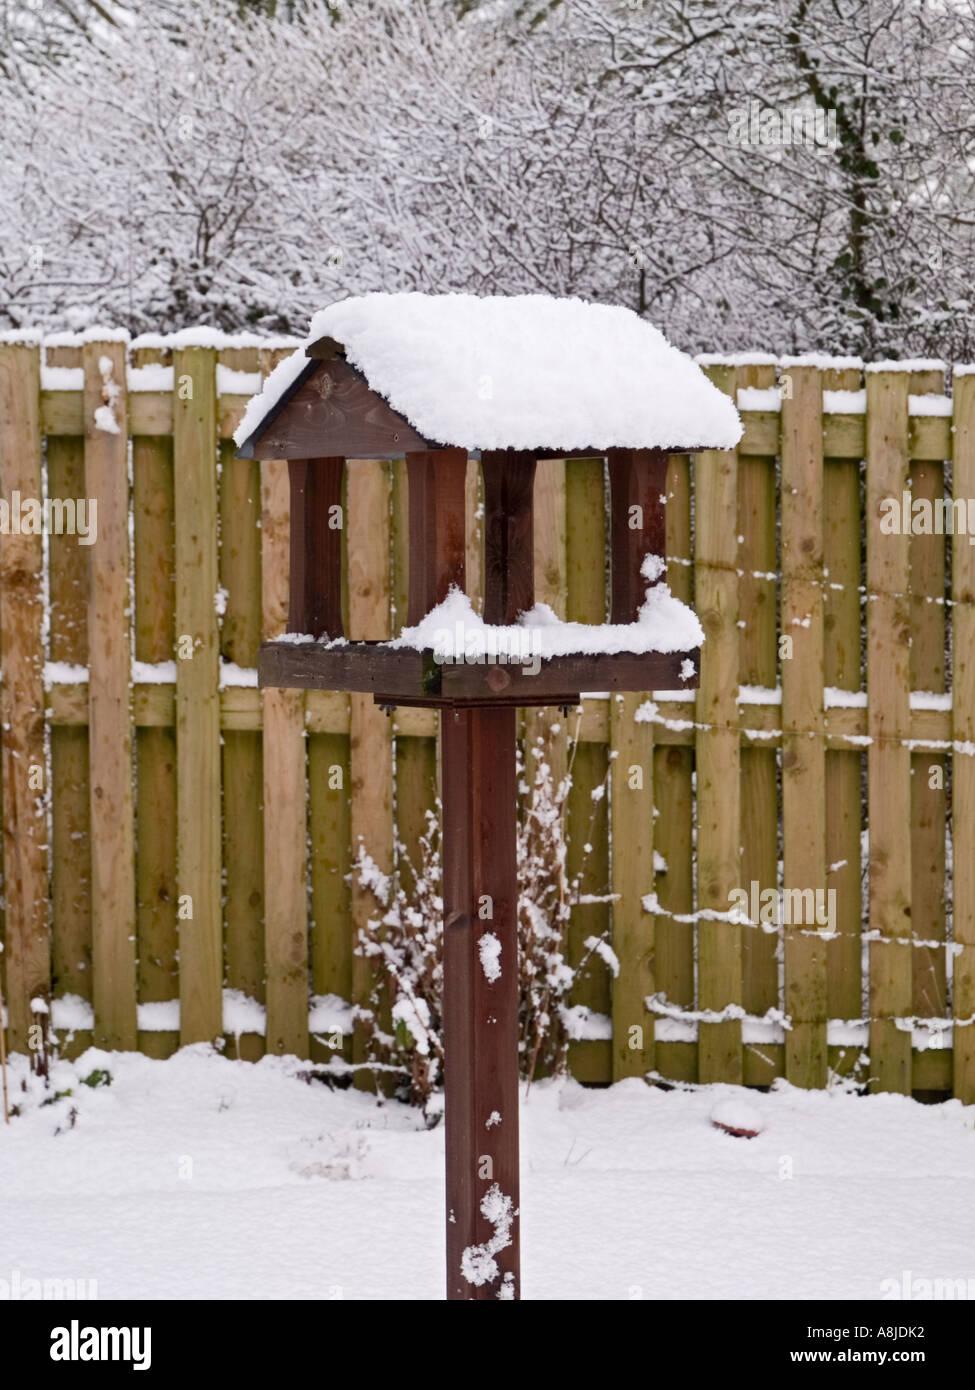 Bird Table During Snow Stock Photos & Bird Table During Snow Stock ...